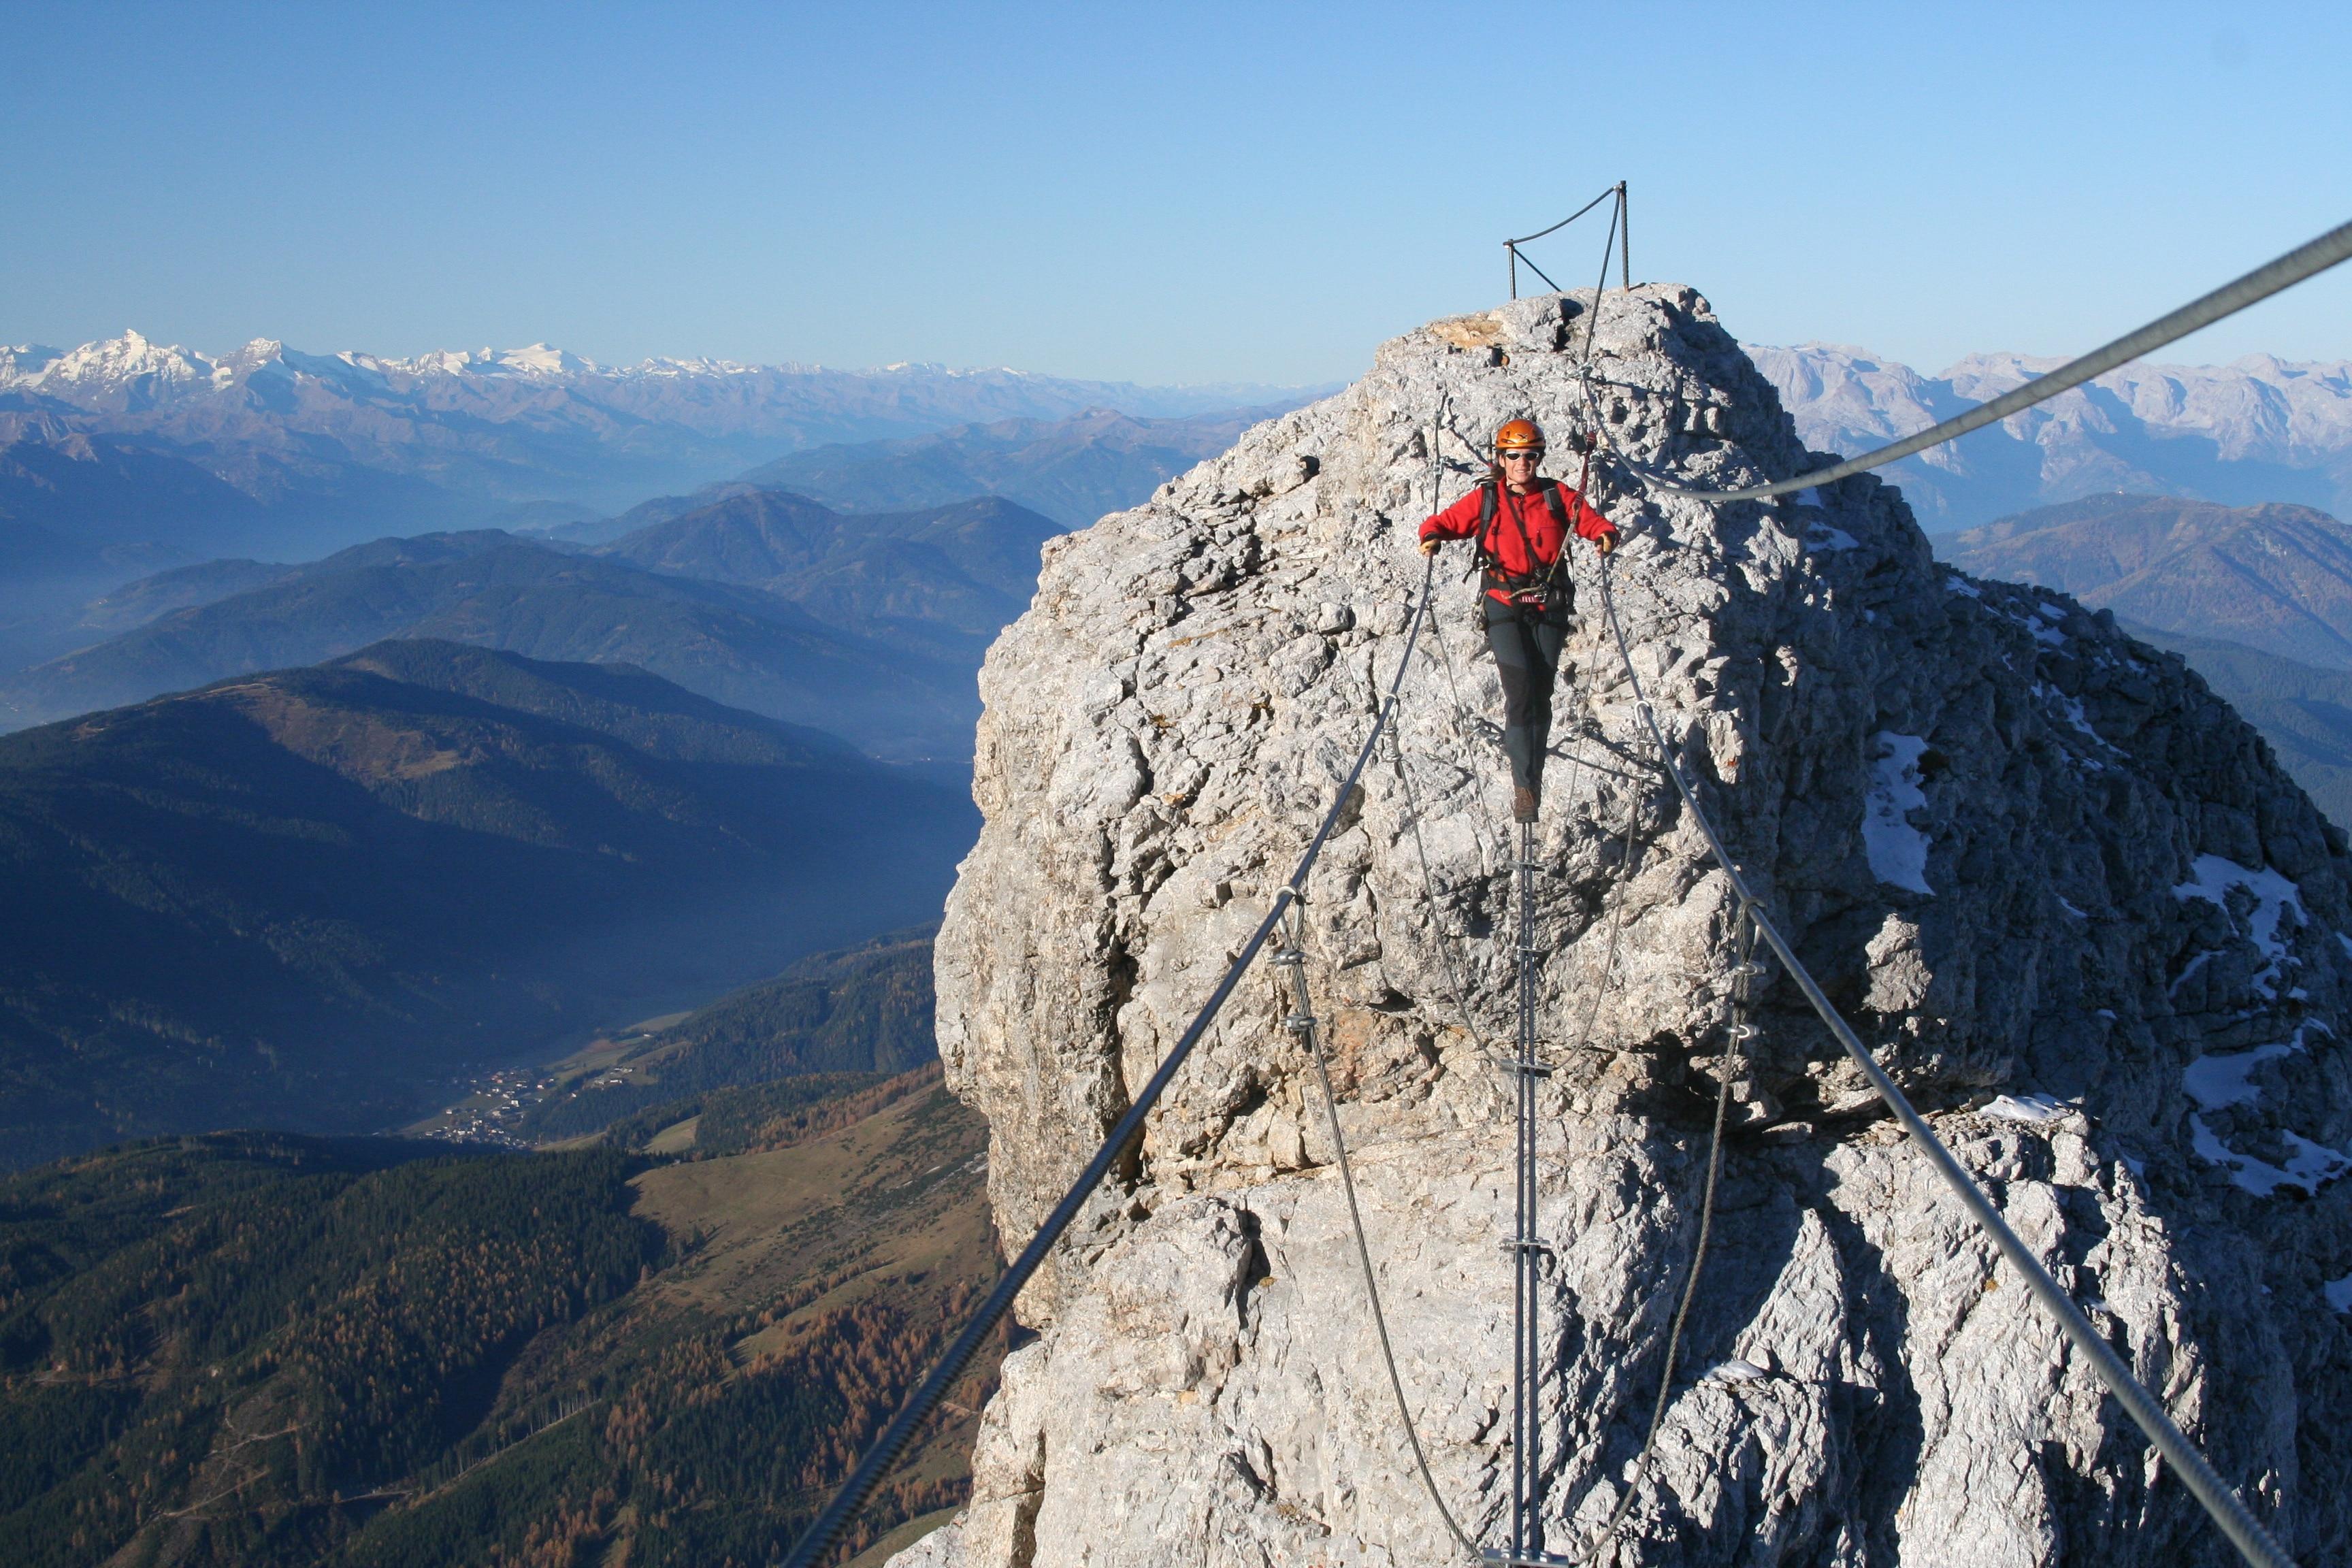 Klettersteig Dachstein : Jahre klettersteig genusszeit